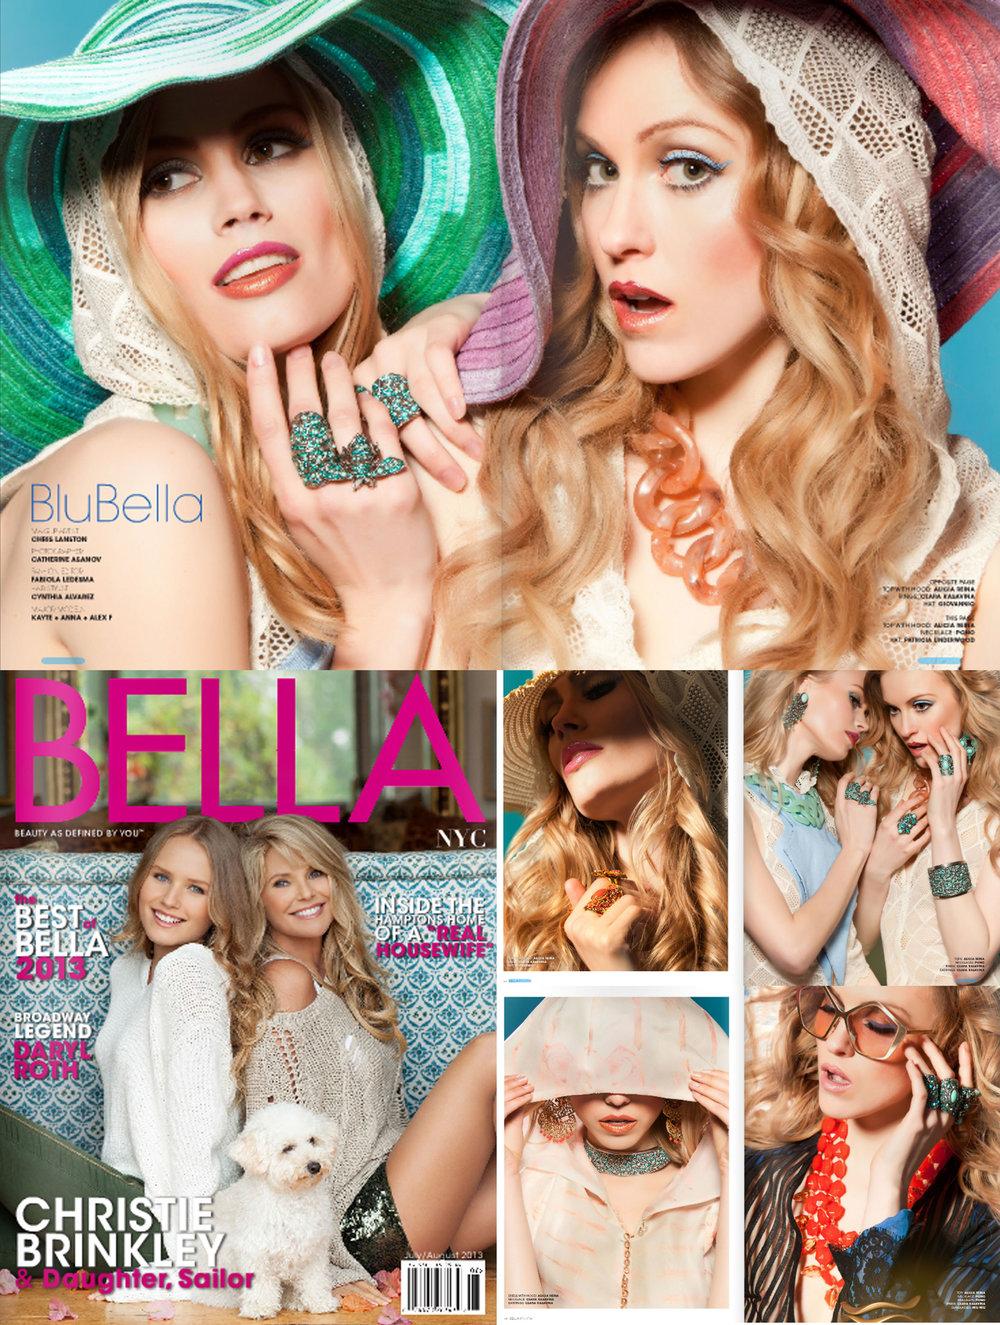 Bella - Blu BellaJune 2013